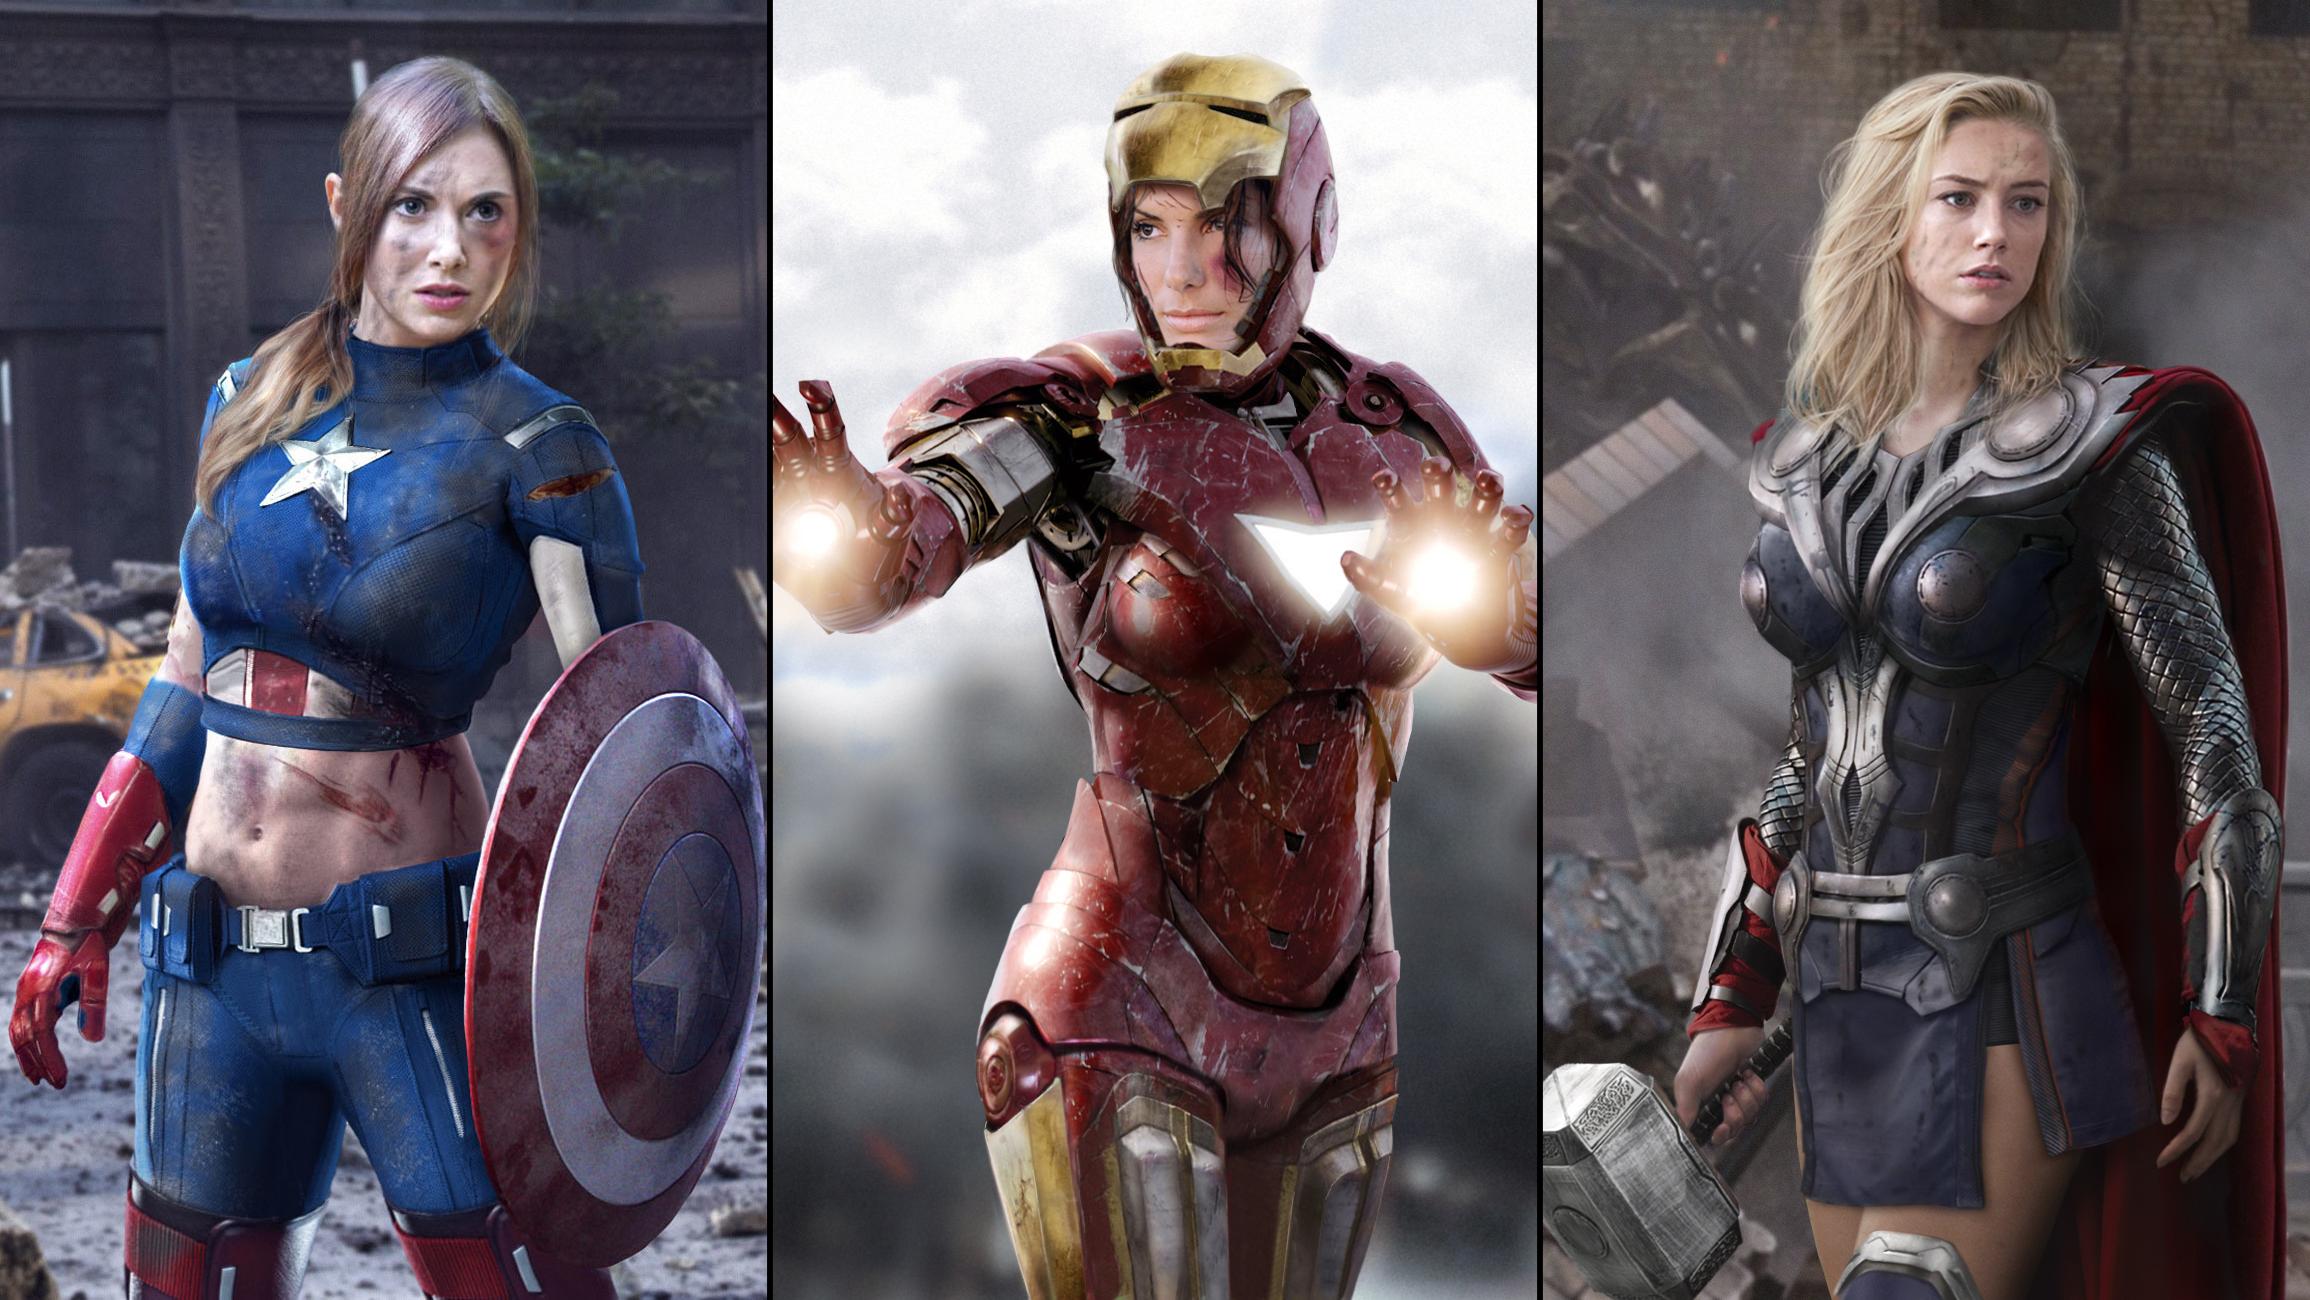 Avengers art Jokose_female_avengers косплей